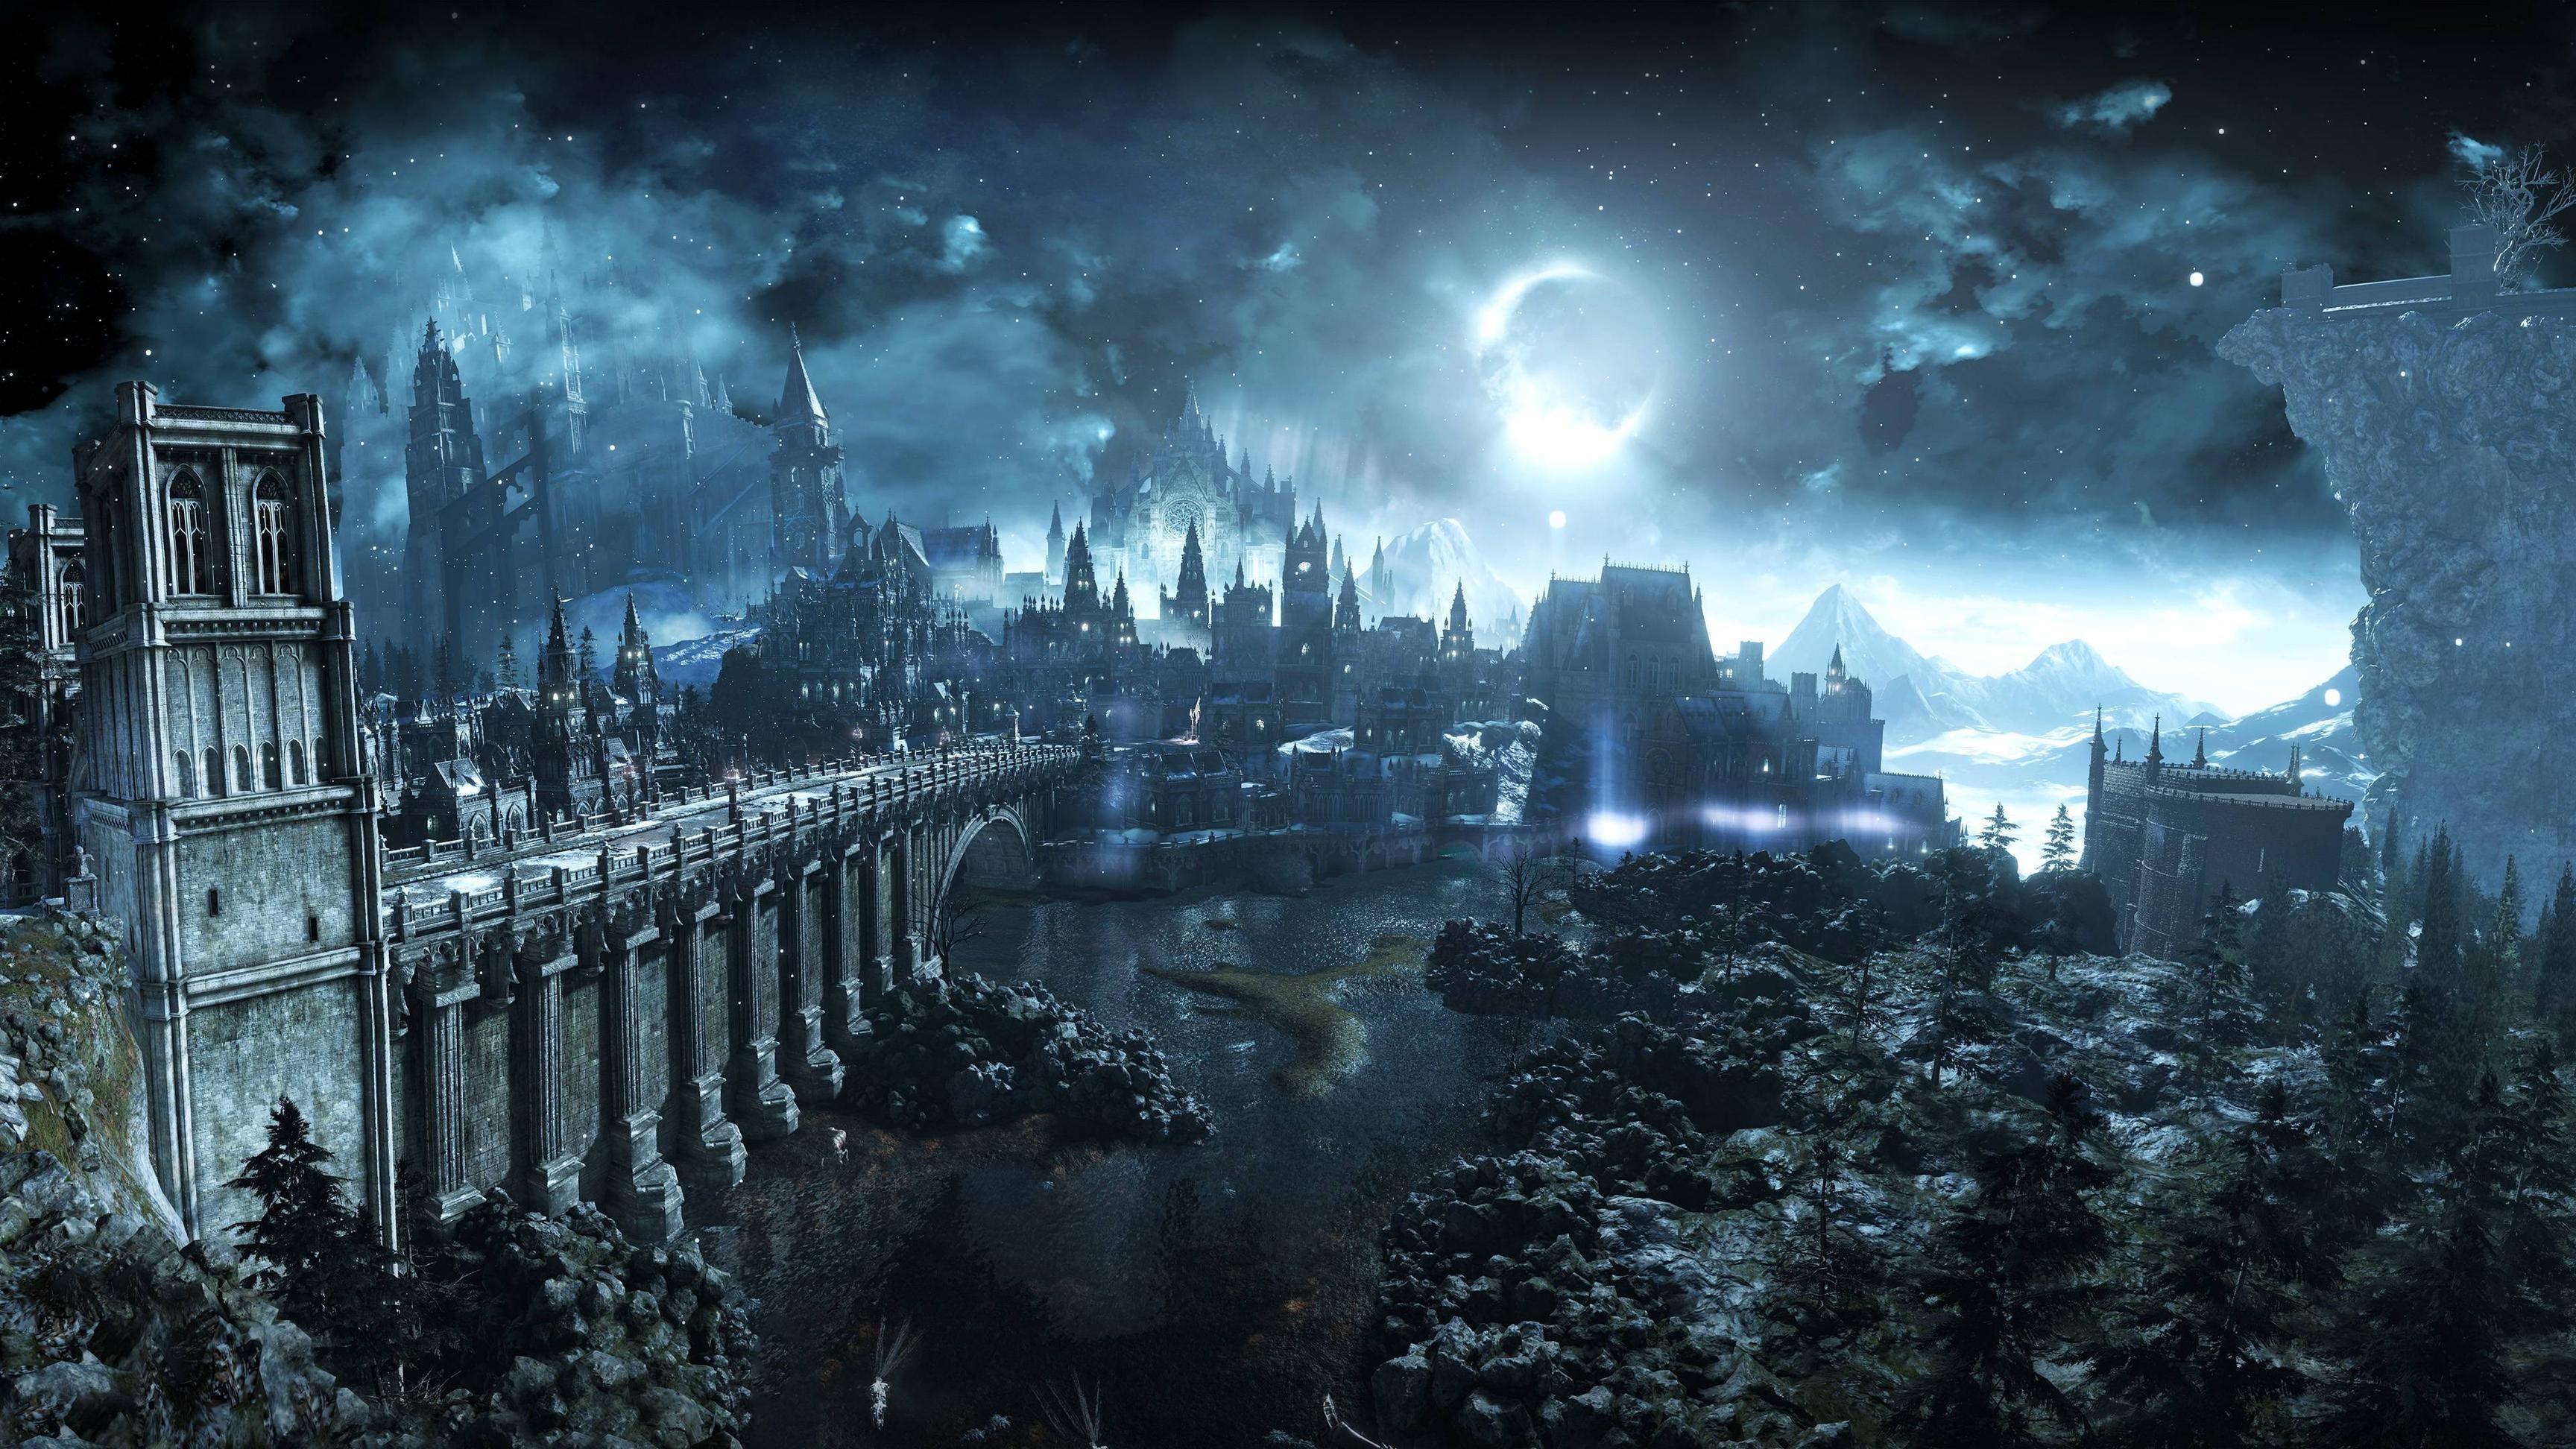 Dark Souls 3 Wallpapers Pack